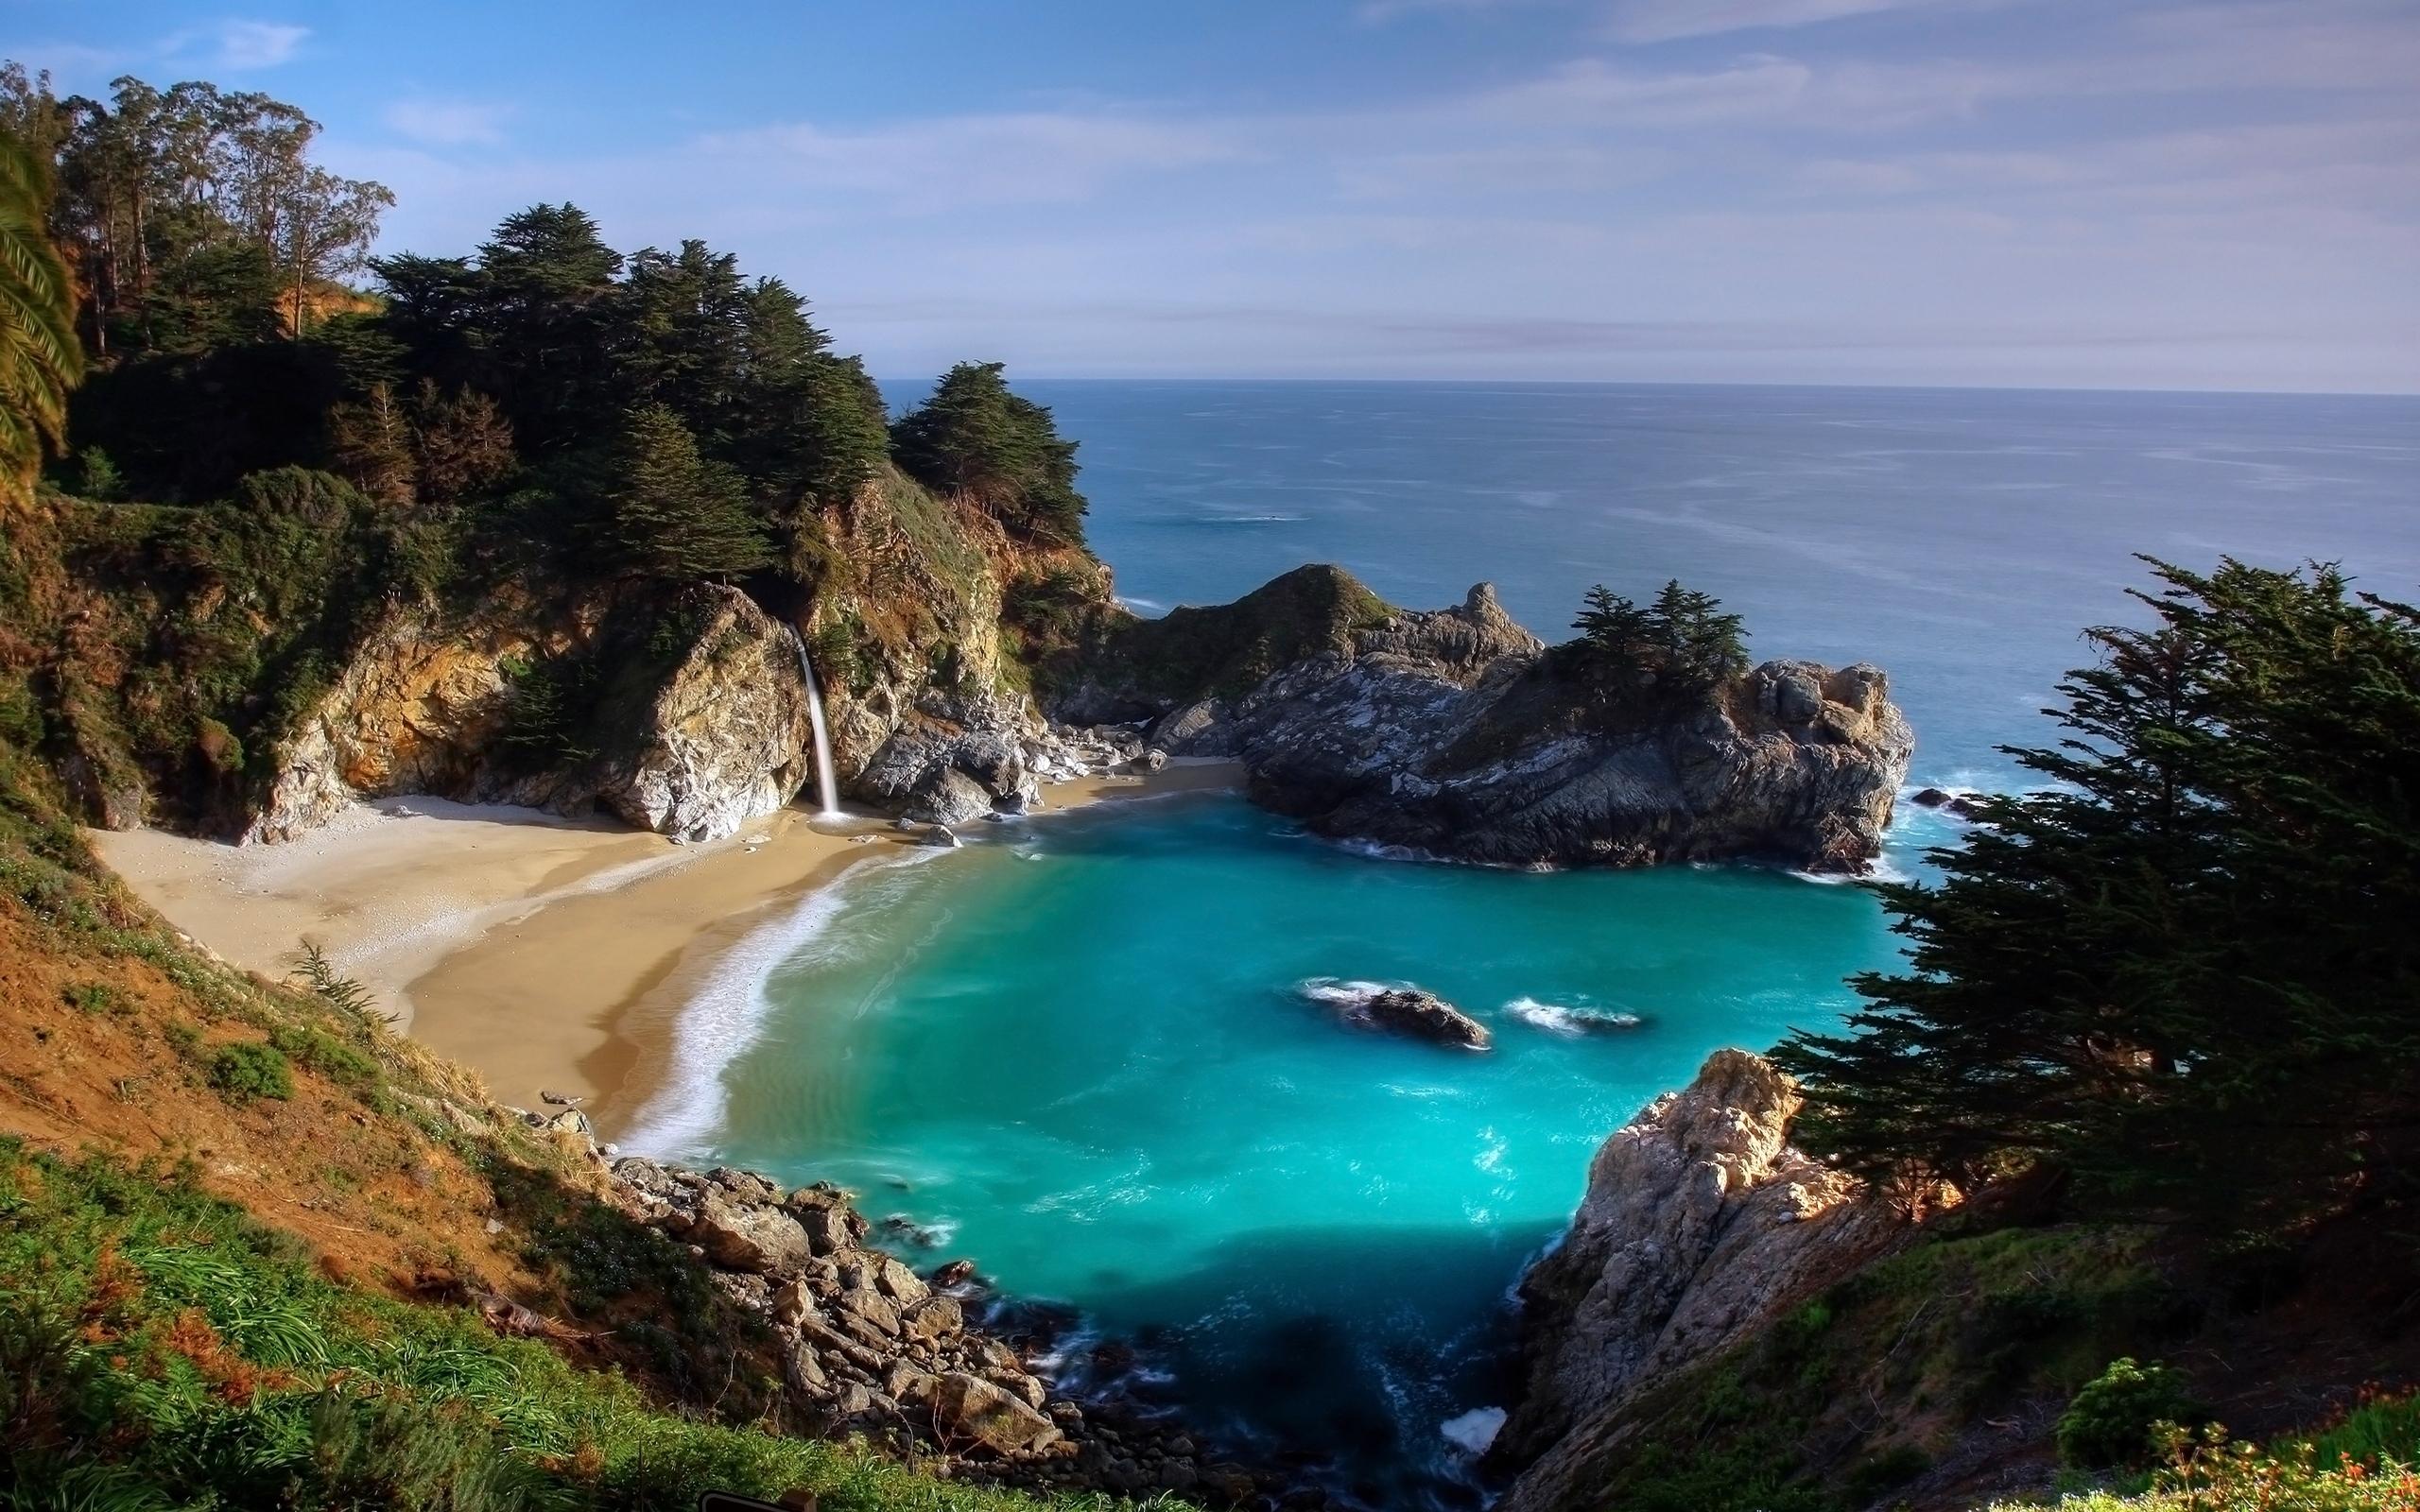 26290 免費下載壁紙 景观, 山, 海, 海滩 屏保和圖片